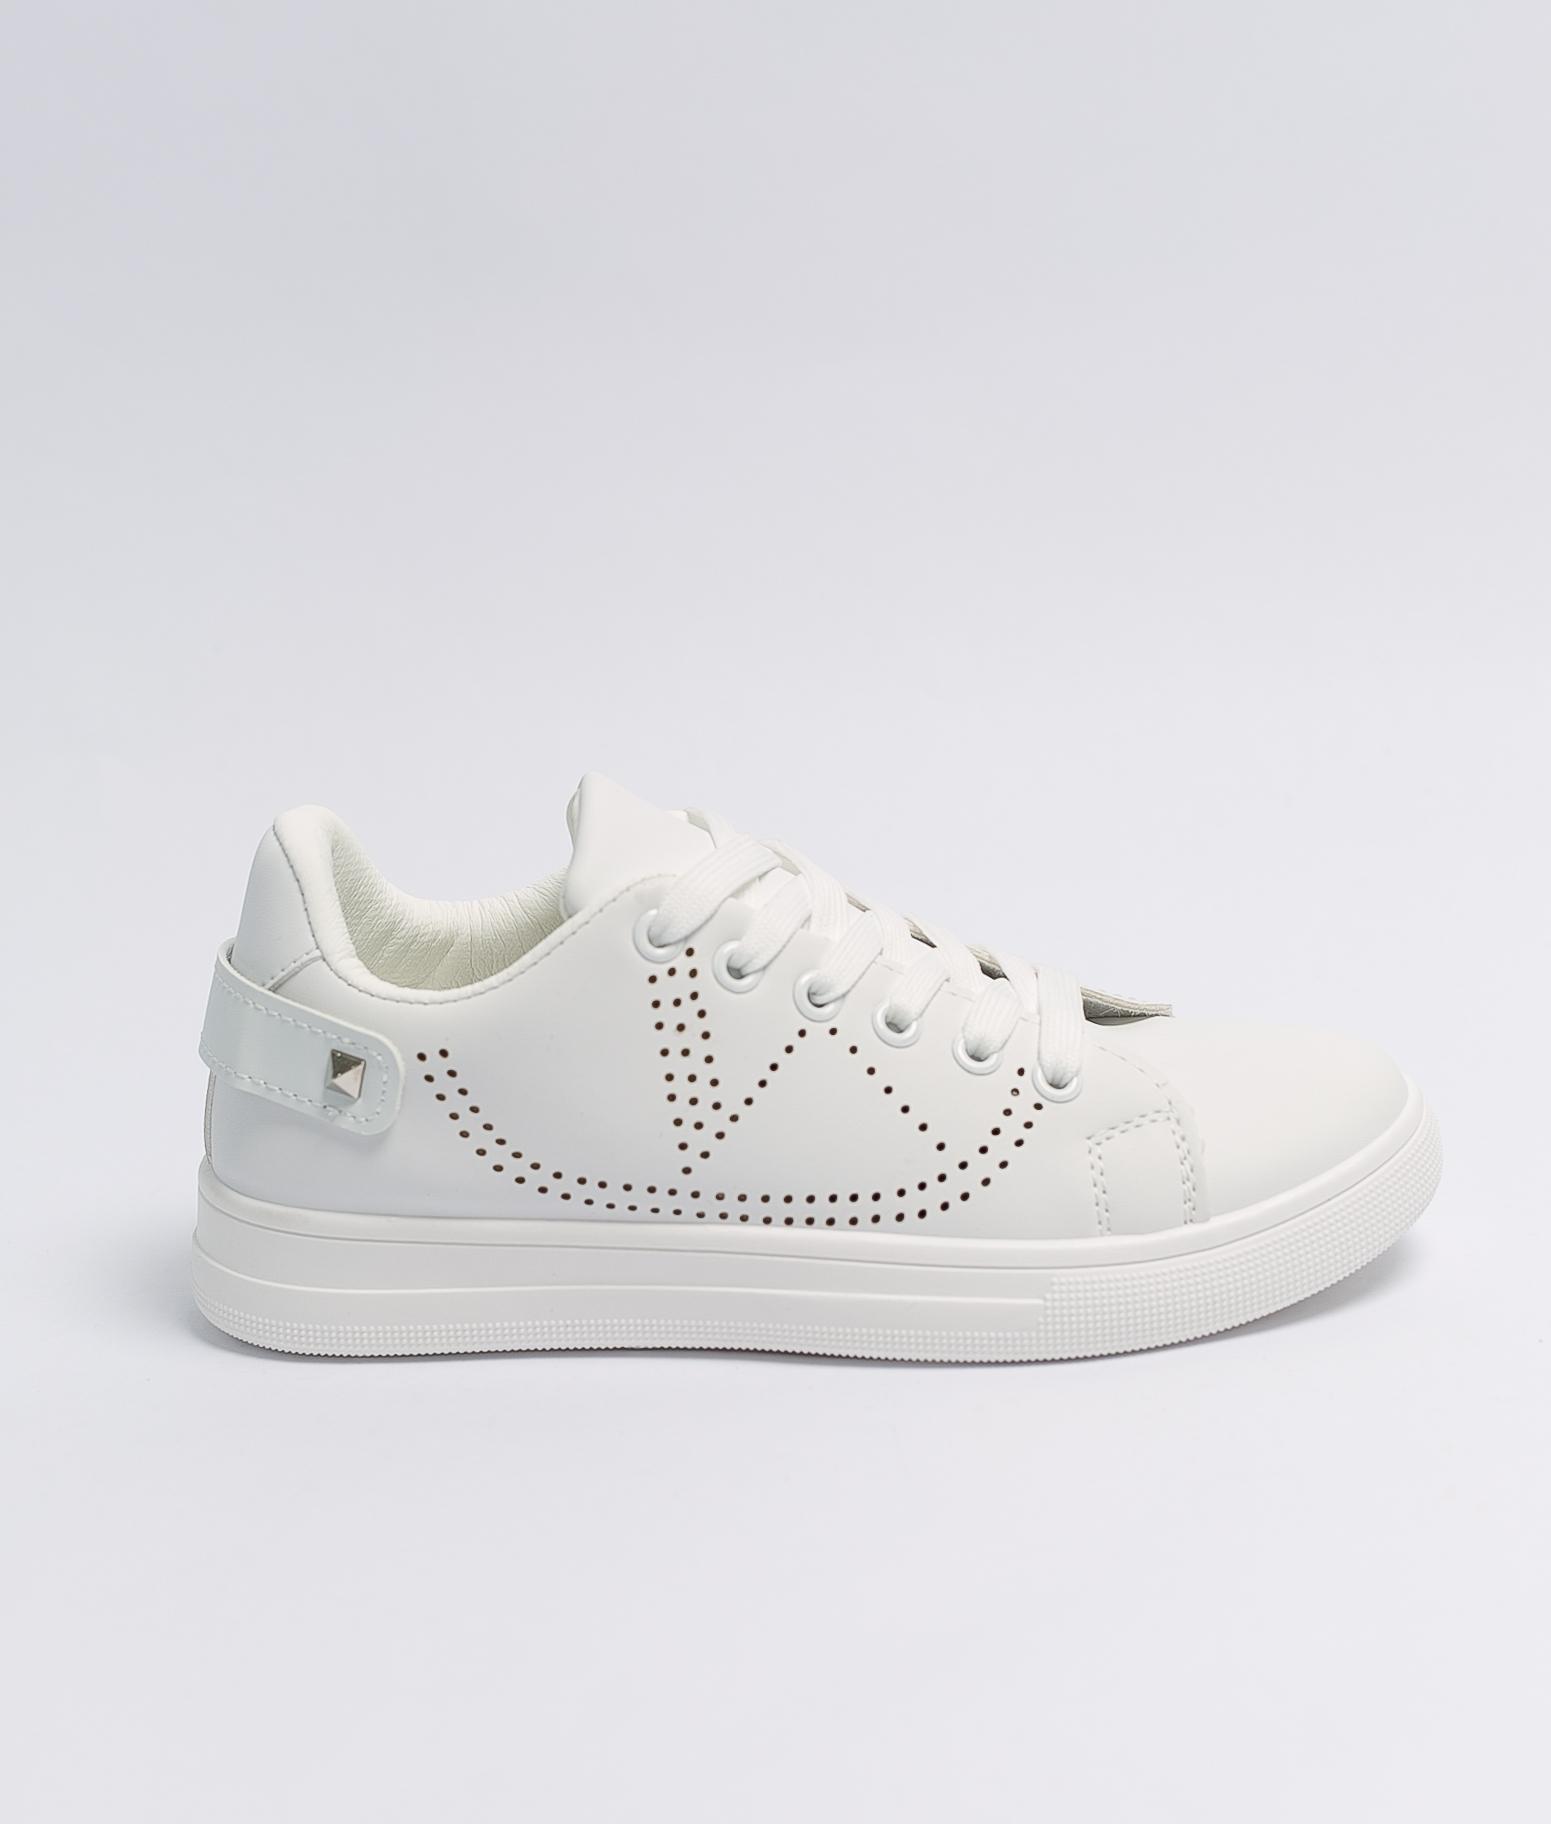 Sneakers Rosat - Branco